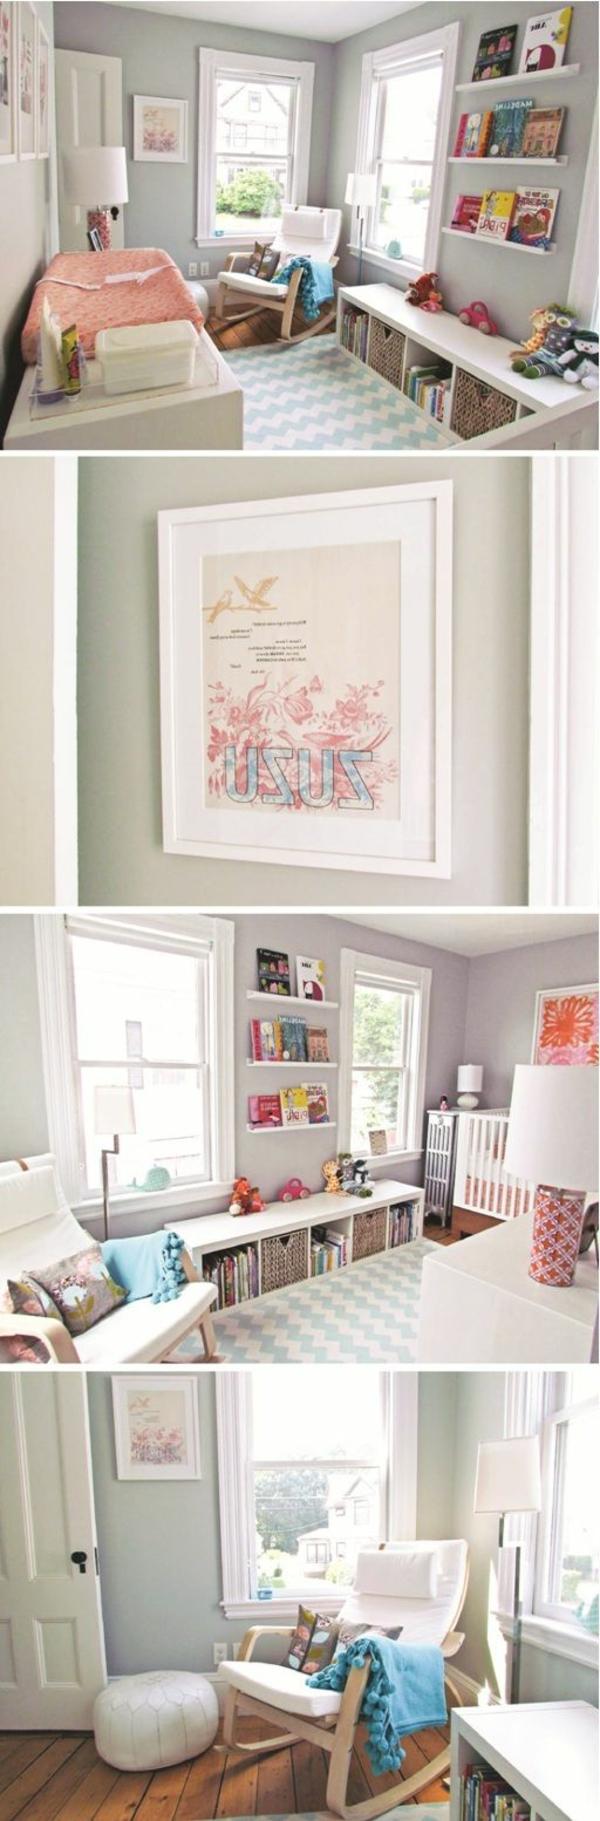 chaise-berçante-confortable-chambre-pour-enfant